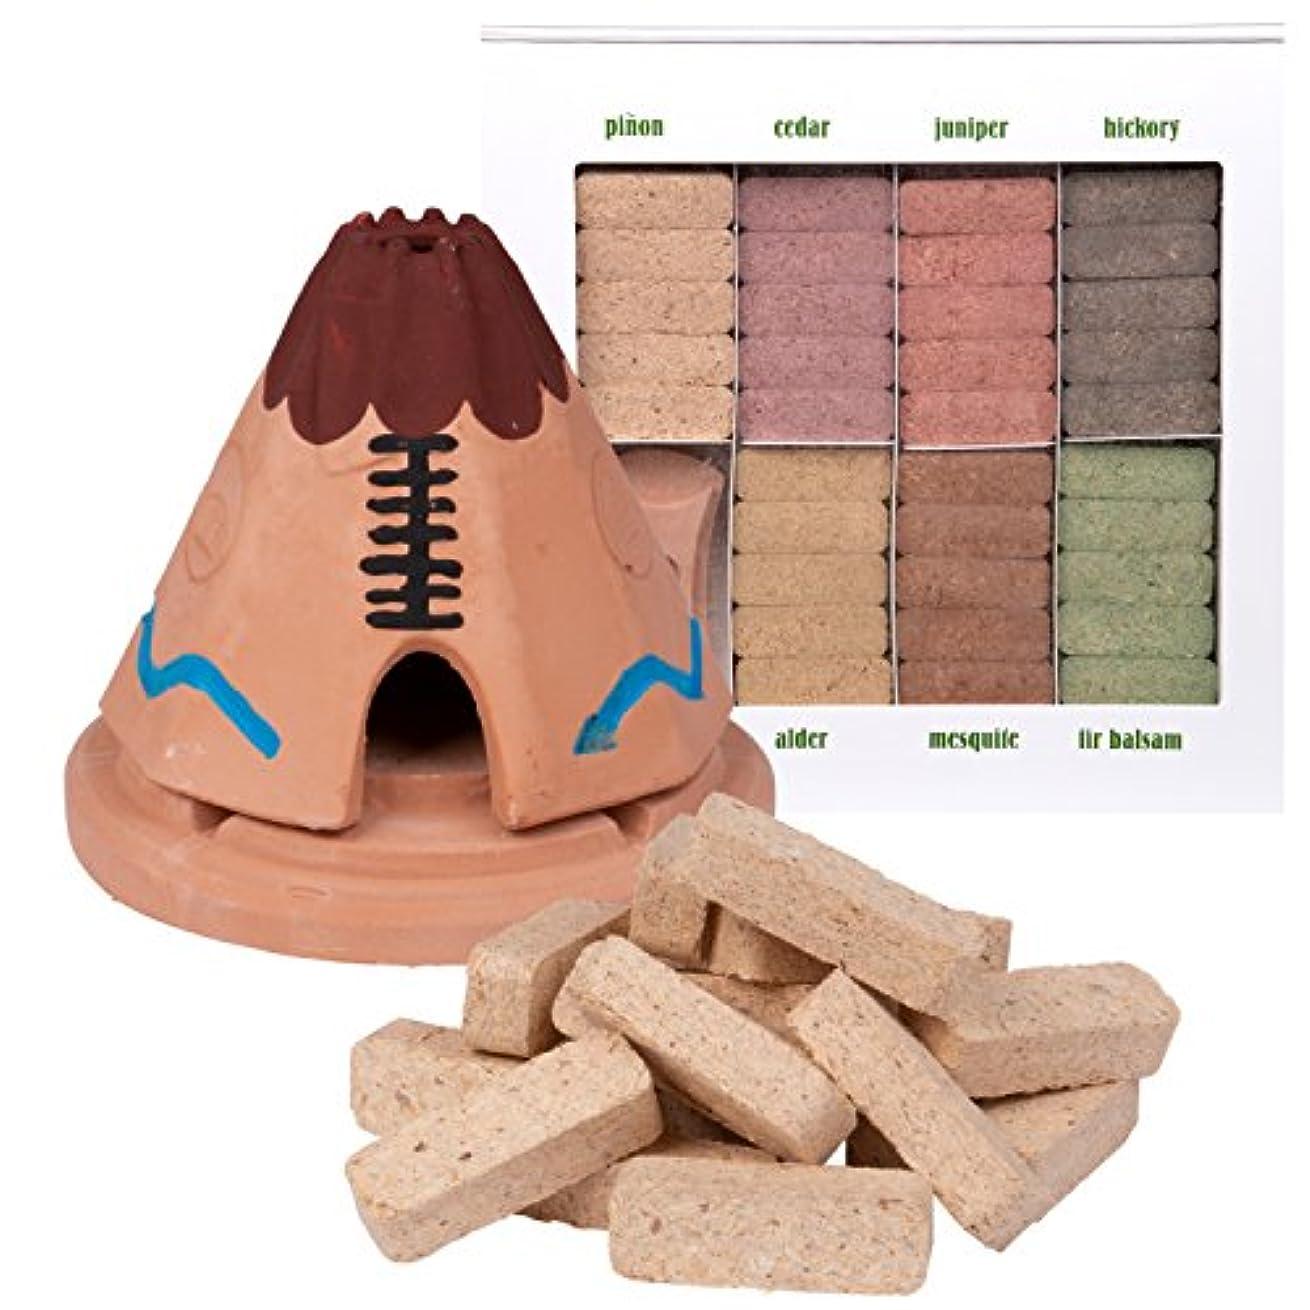 薄い司令官スペイン語Incienso de Santa Fe Teepee Burner With松の天然木製お香と7香りSampler – Made in the US